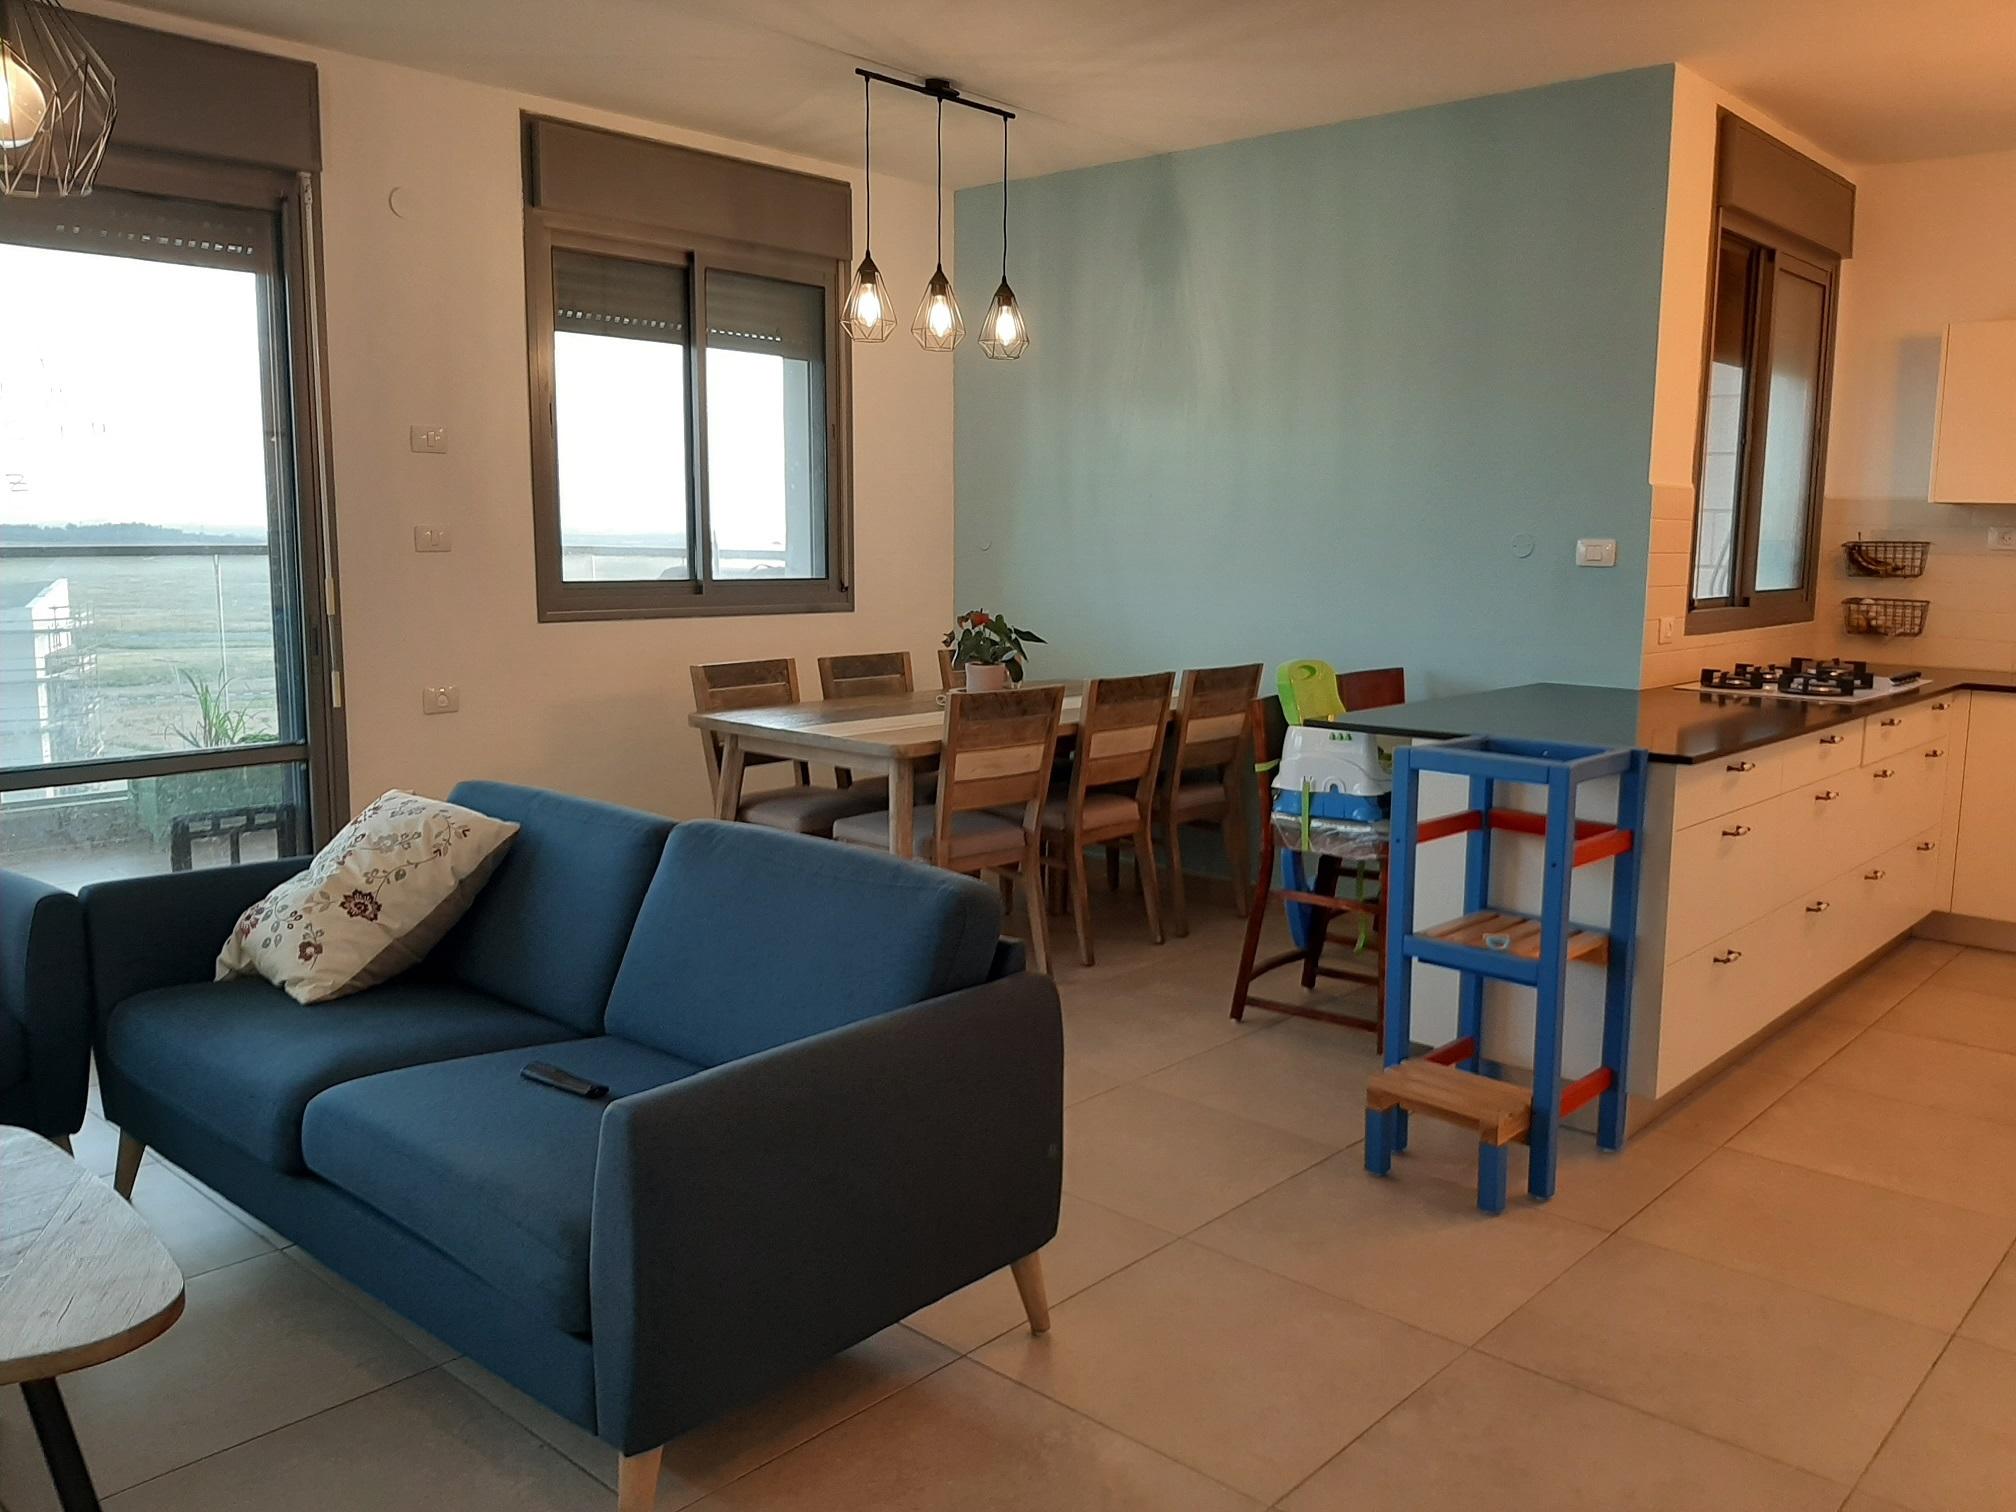 דירת 5 חד למכירה בפסגות אפק, ראש העין